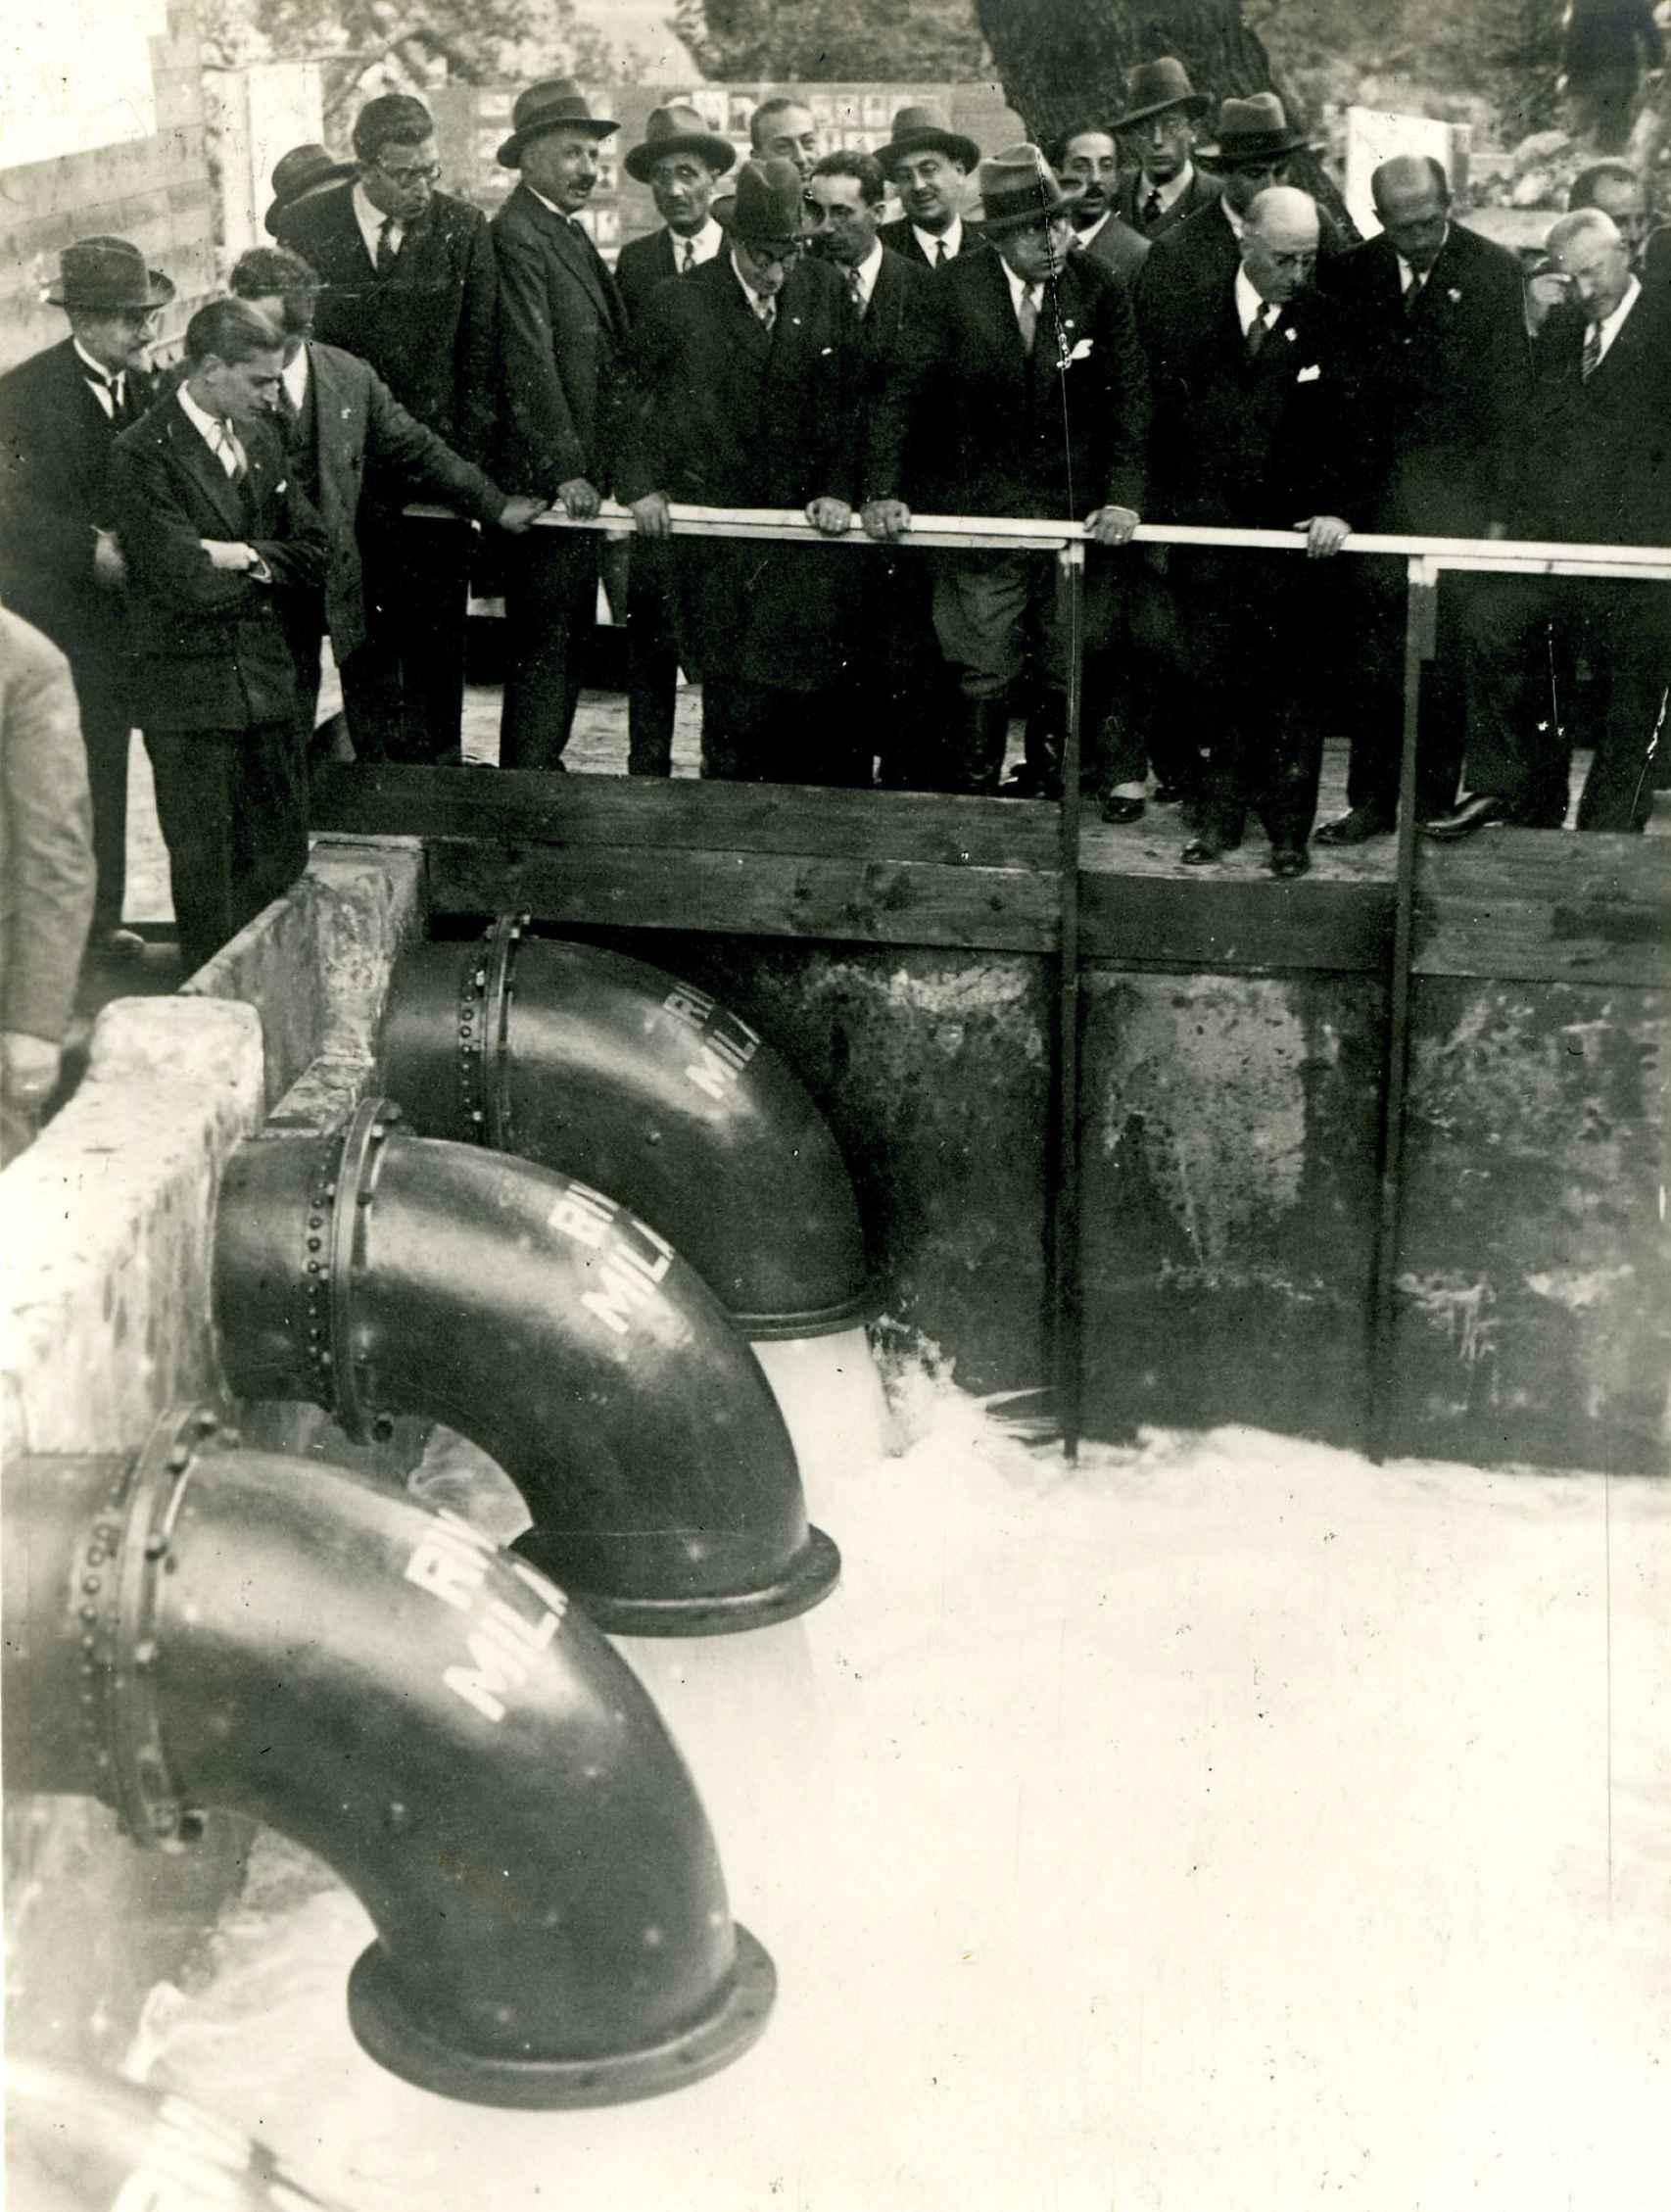 20 de octubre de 1928. En el centro, Benito Mussolini, apoyado y con sombrero, rodeado de otras personalidades, observa el sistema de drenaje suministrado por la empresa Costruzioni Meccaniche Riva, de Milán, para el vaciado del lago